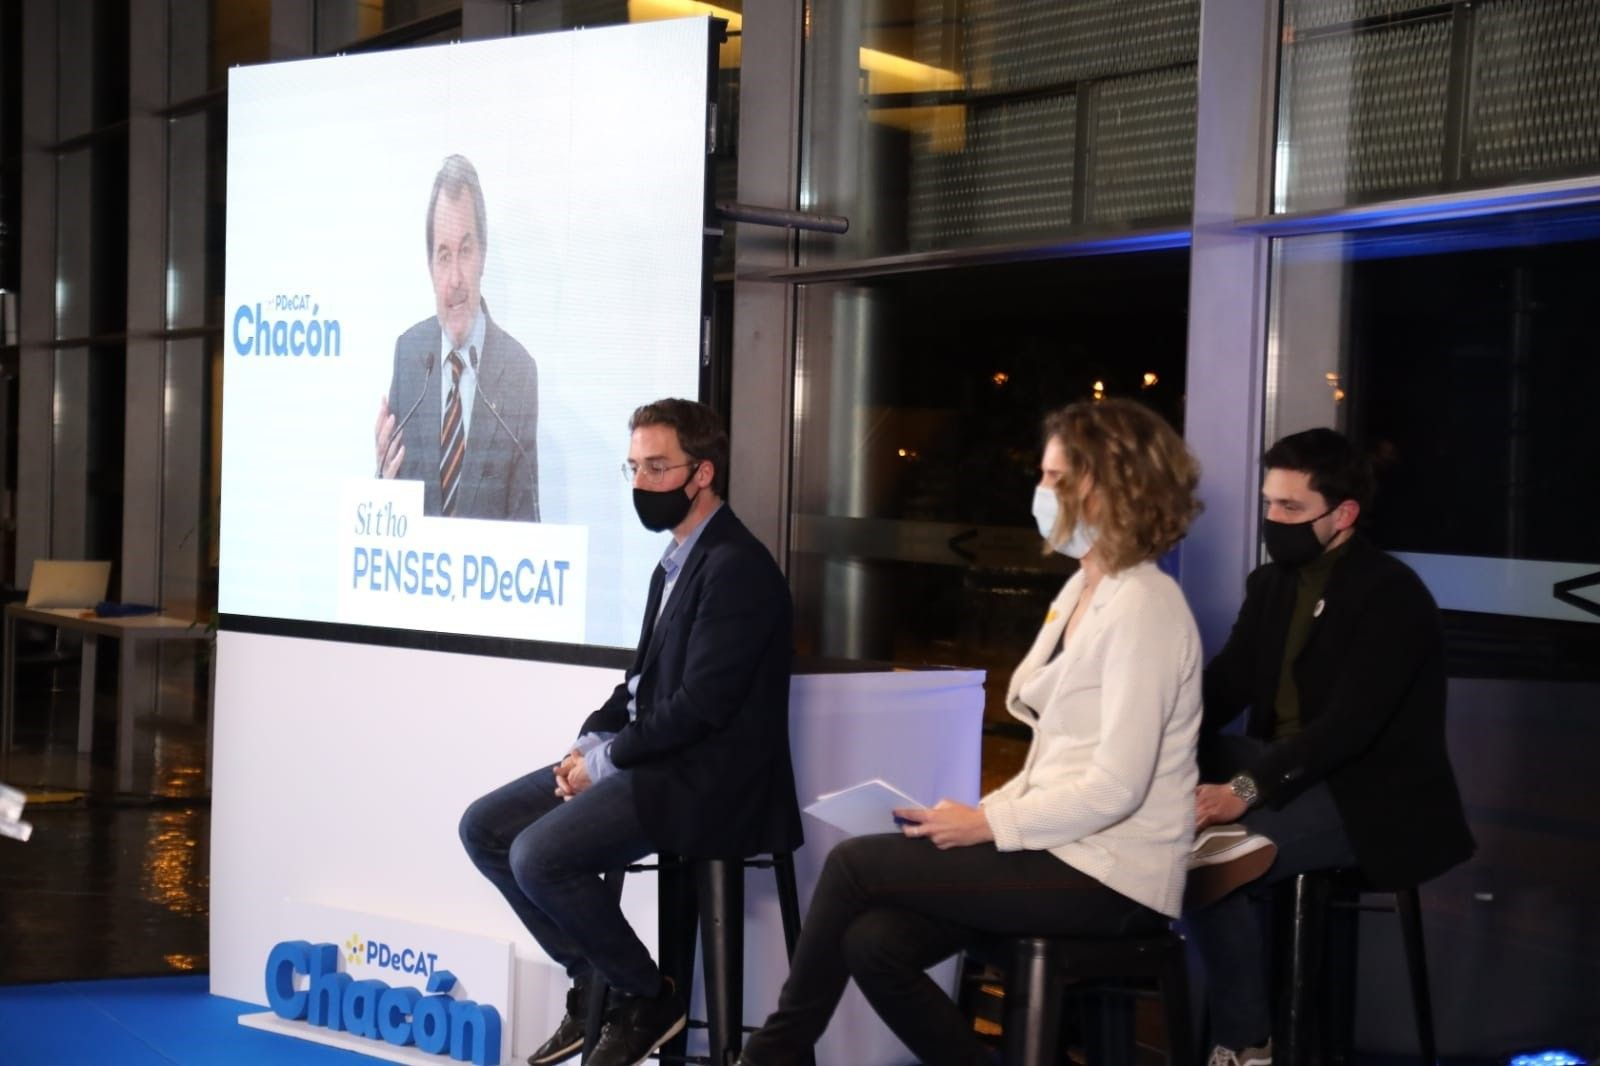 En directo: el Congreso recuerda el 40 aniversario del 23F.Artur Mas, en la pantalla durante un acto del PDECat con su candidata a la Generalitat, Àngels Chacón